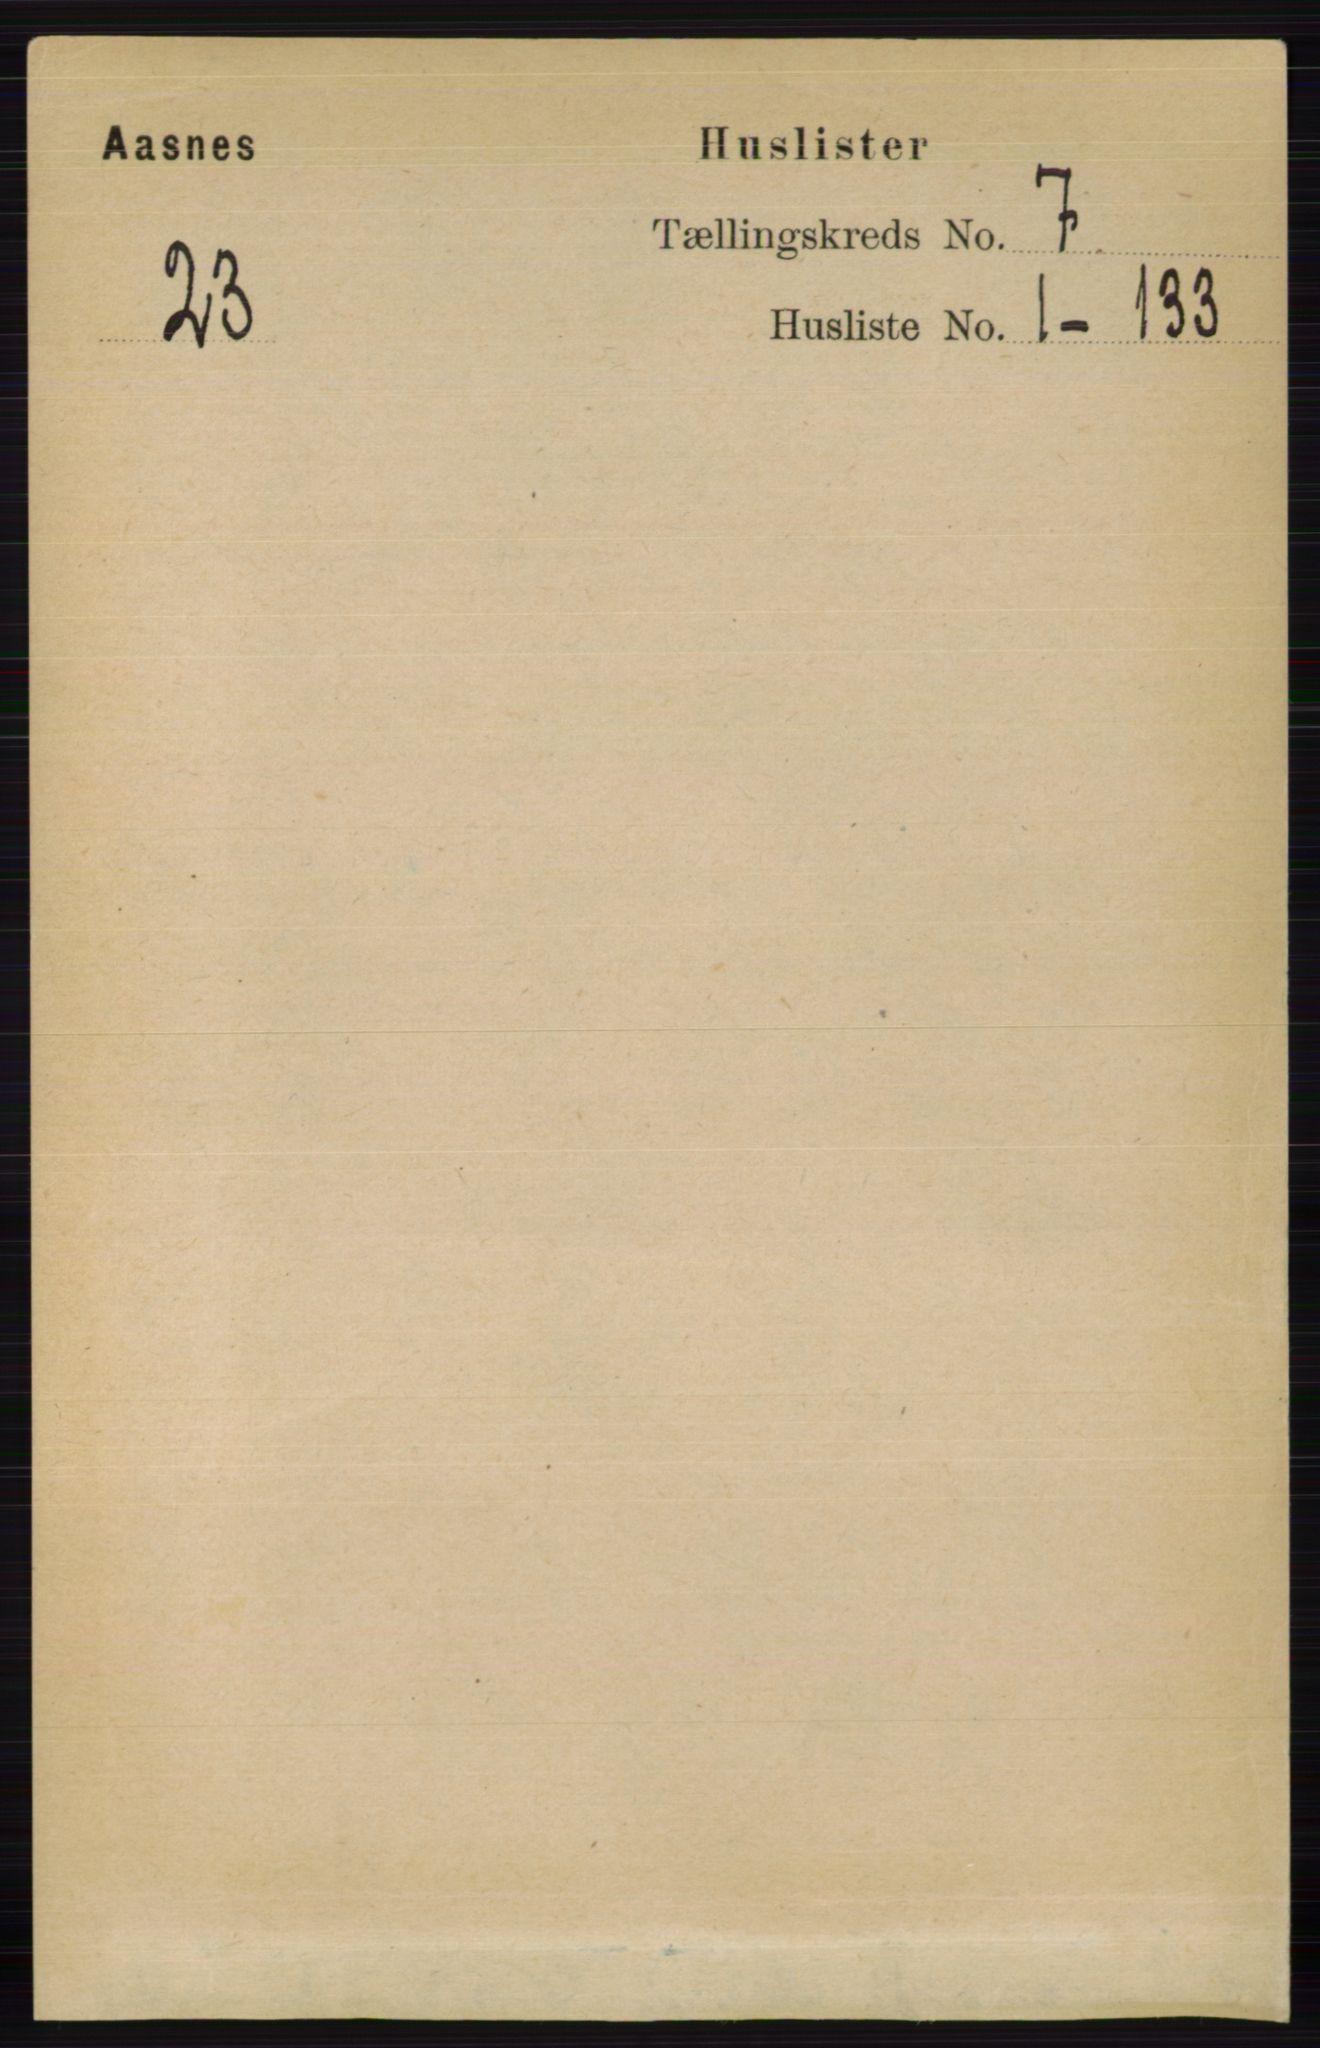 RA, Folketelling 1891 for 0425 Åsnes herred, 1891, s. 3235